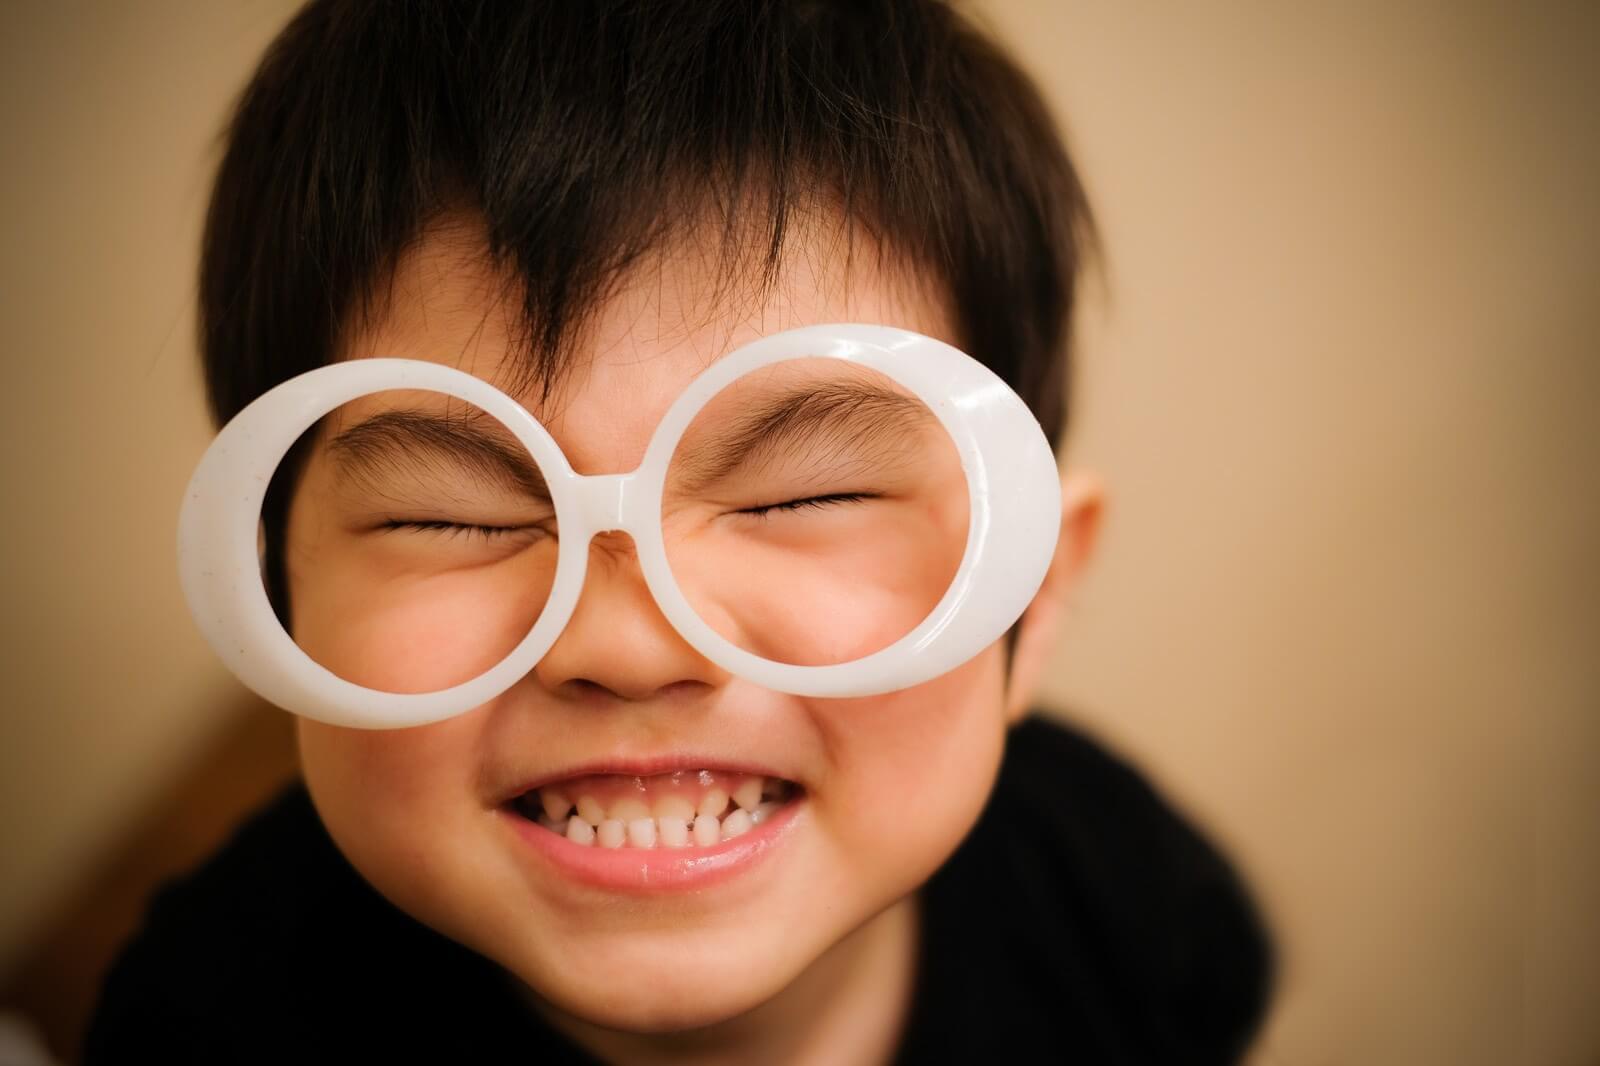 子供の崩れた笑顔の写真